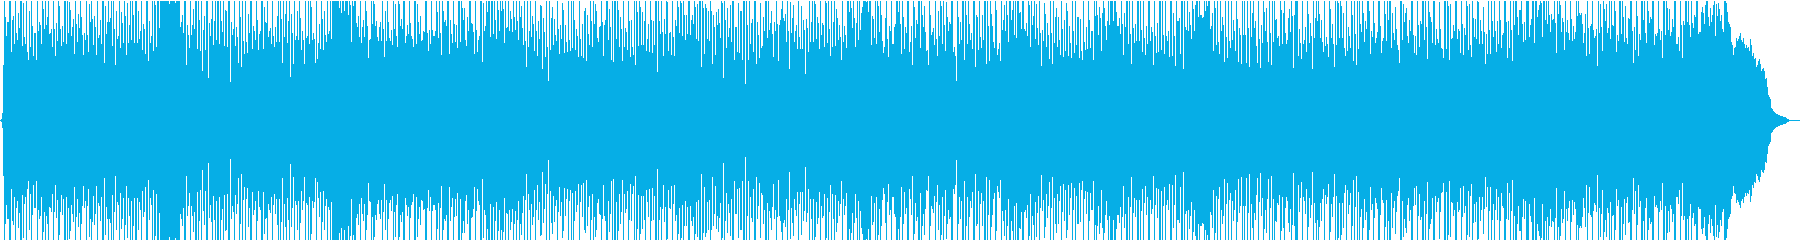 ロードムービー。クラシックロックイ...の再生済みの波形